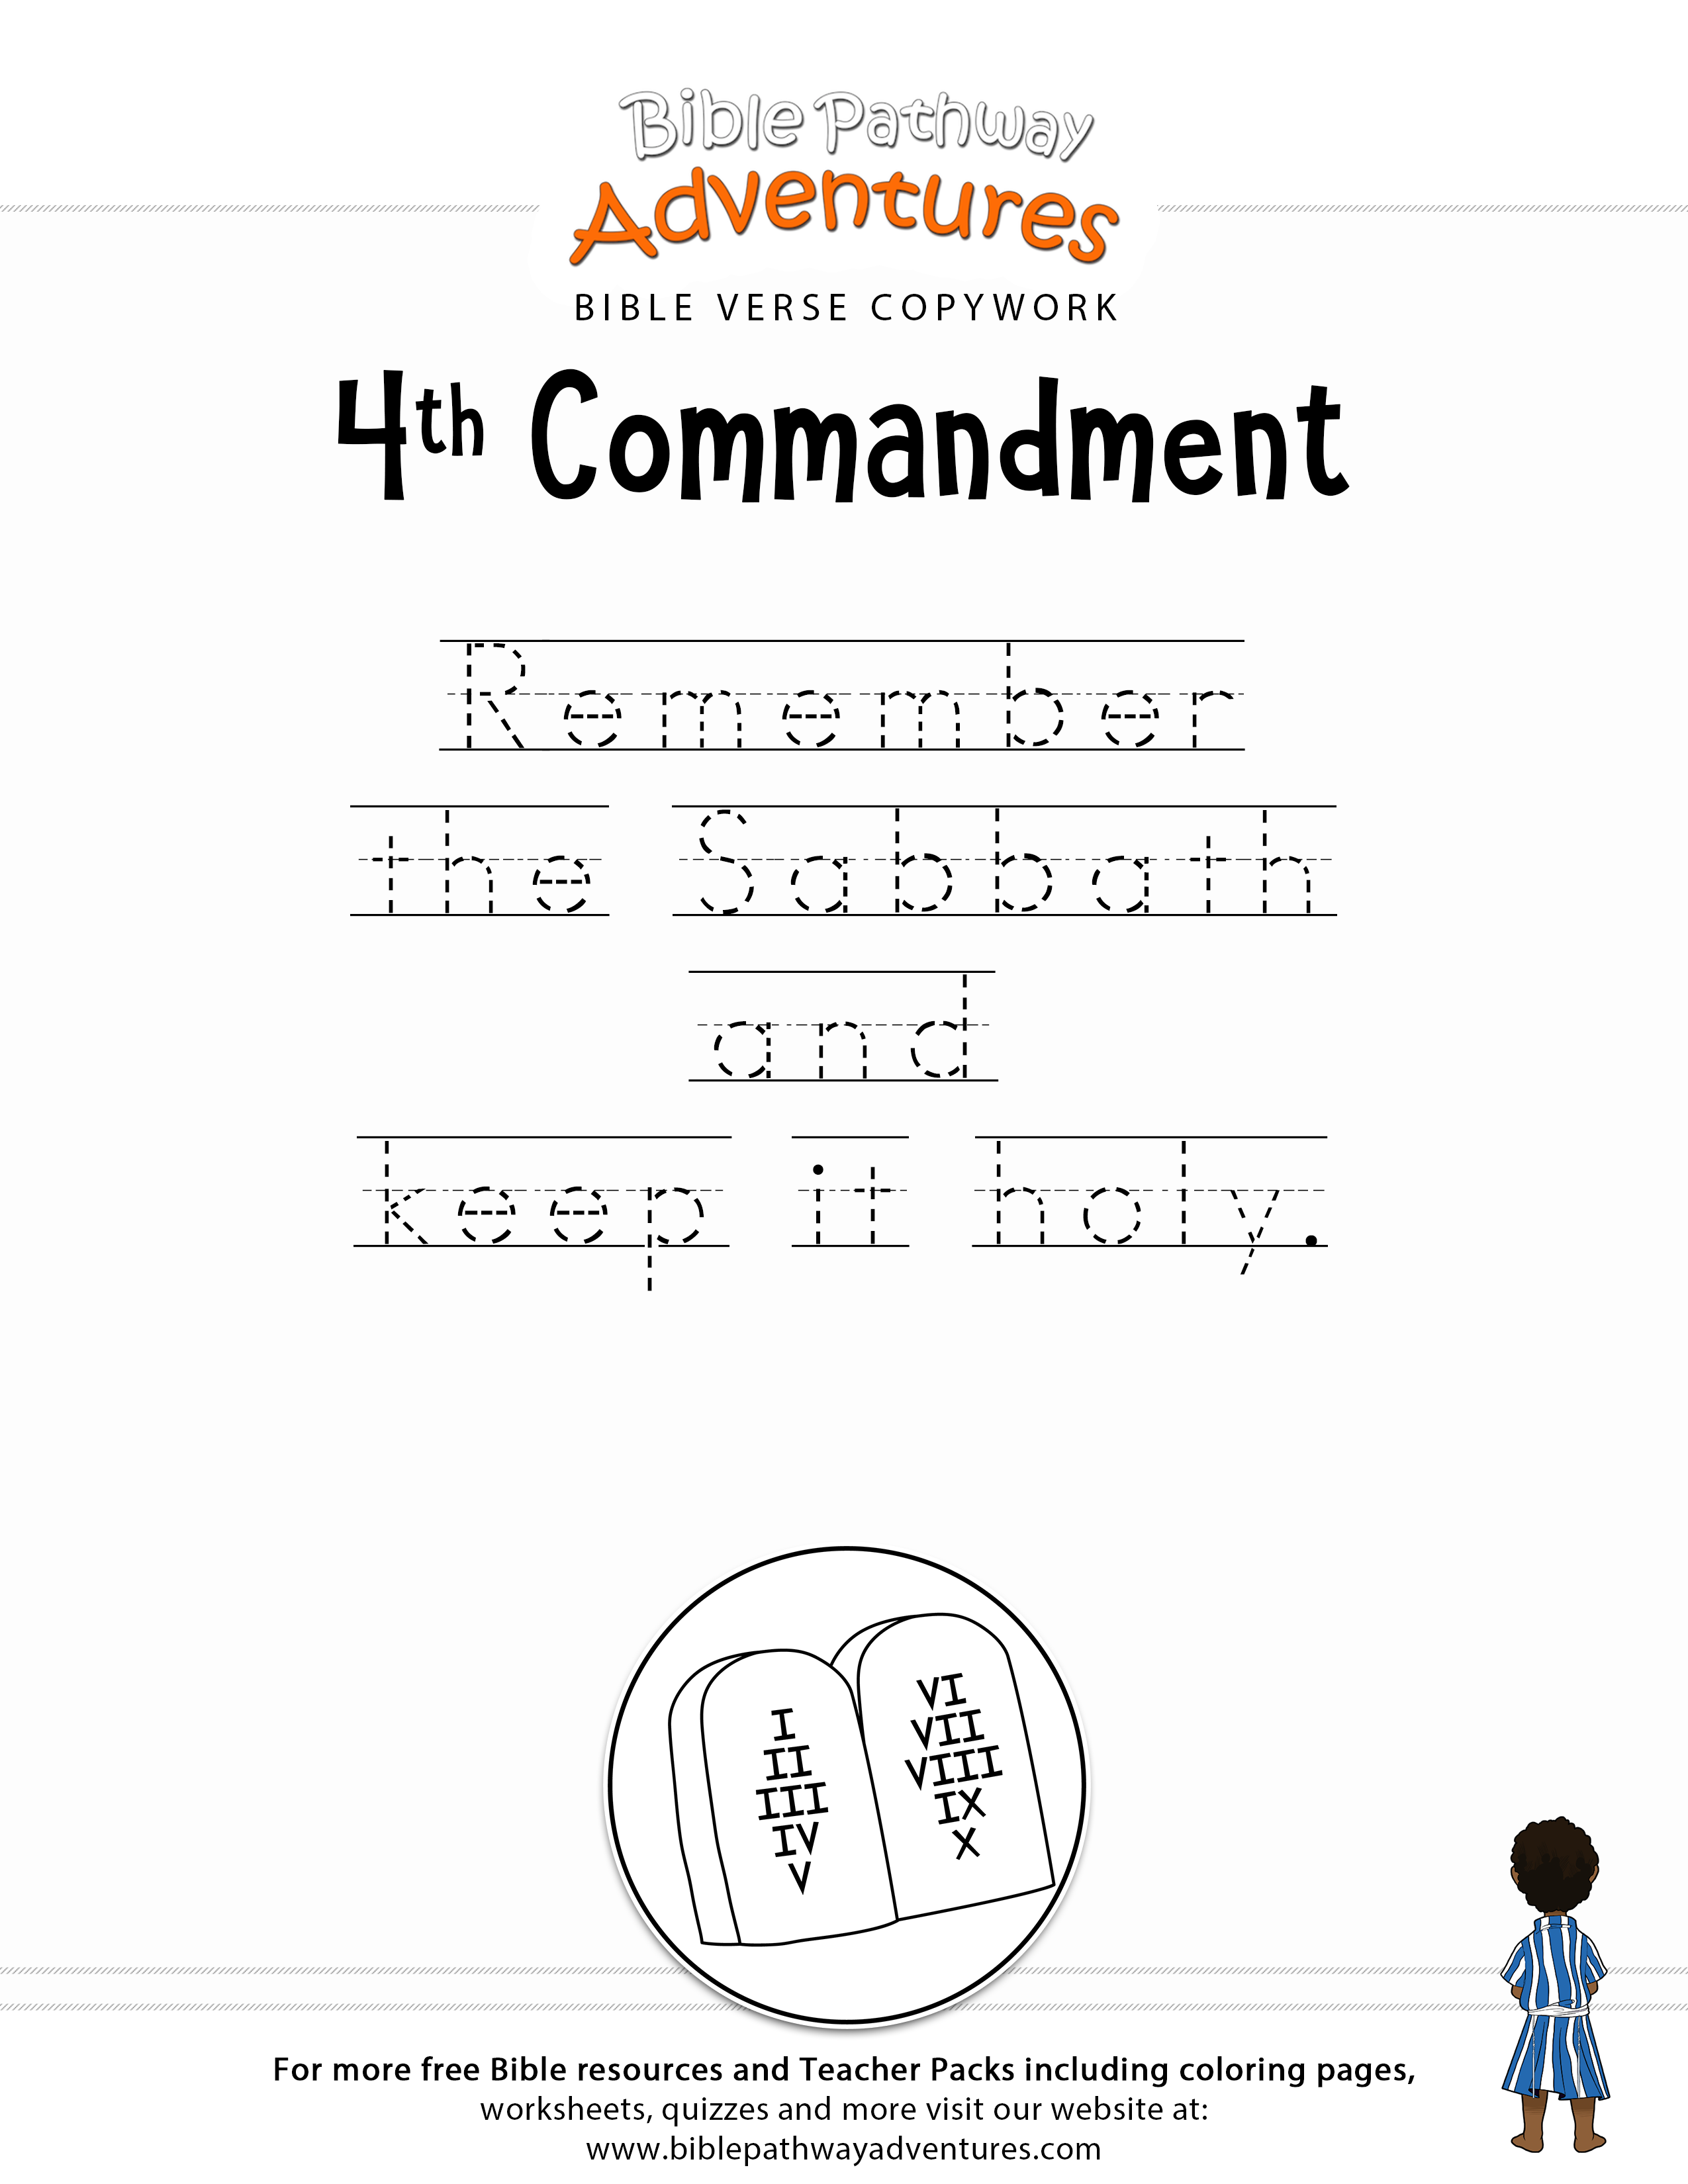 Ten Commandments Copywork 4th Commandment